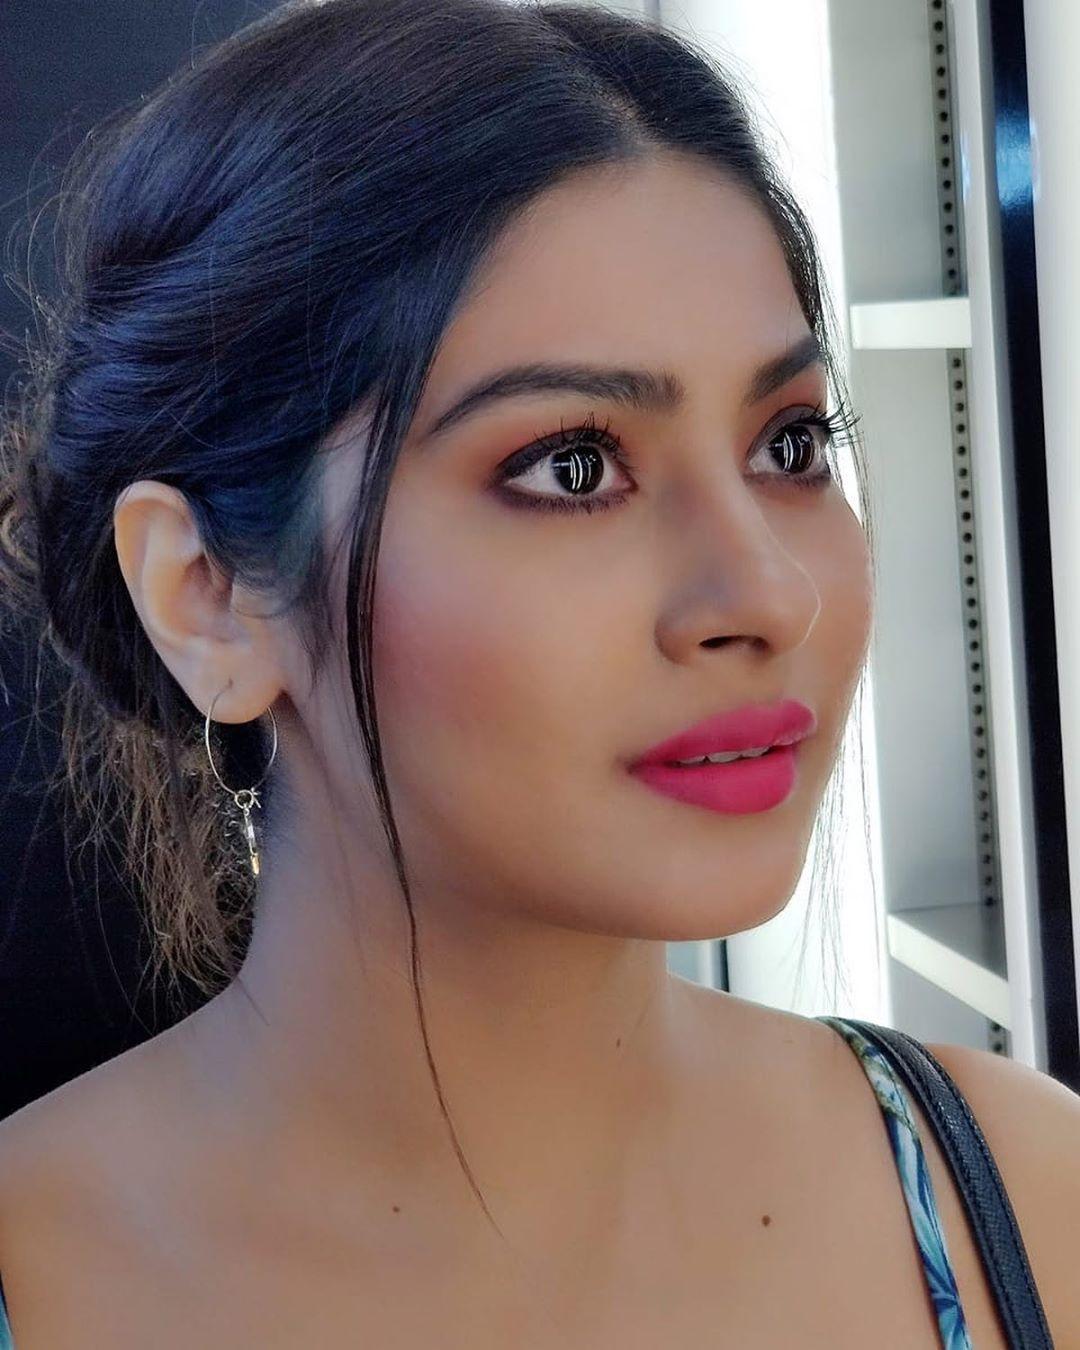 Goruntunun Olasi Icerigi Bir Veya Daha Fazla Kisi Selfie Ve Yakin Cekim Beauty Hair Color For Black Hair India Beauty